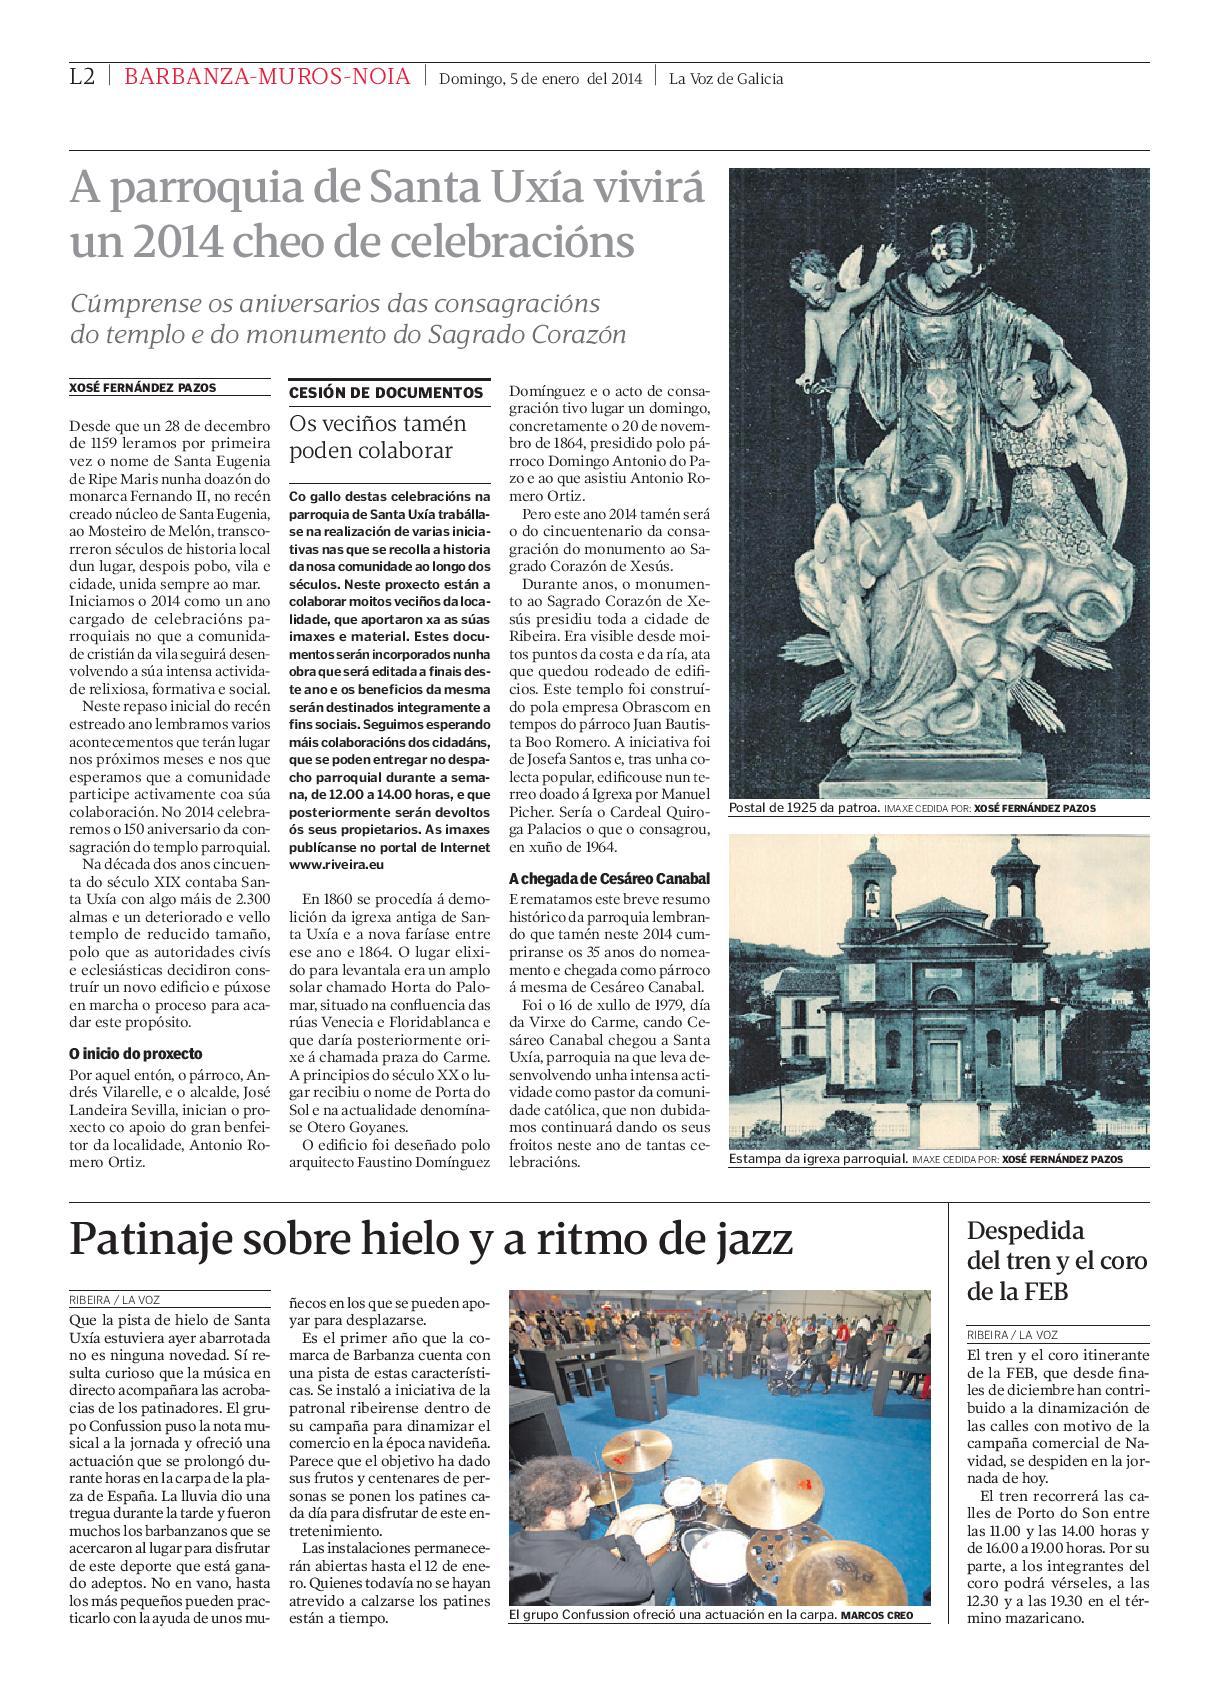 20140105 Aniversario iglesia LA VOZ-page-001